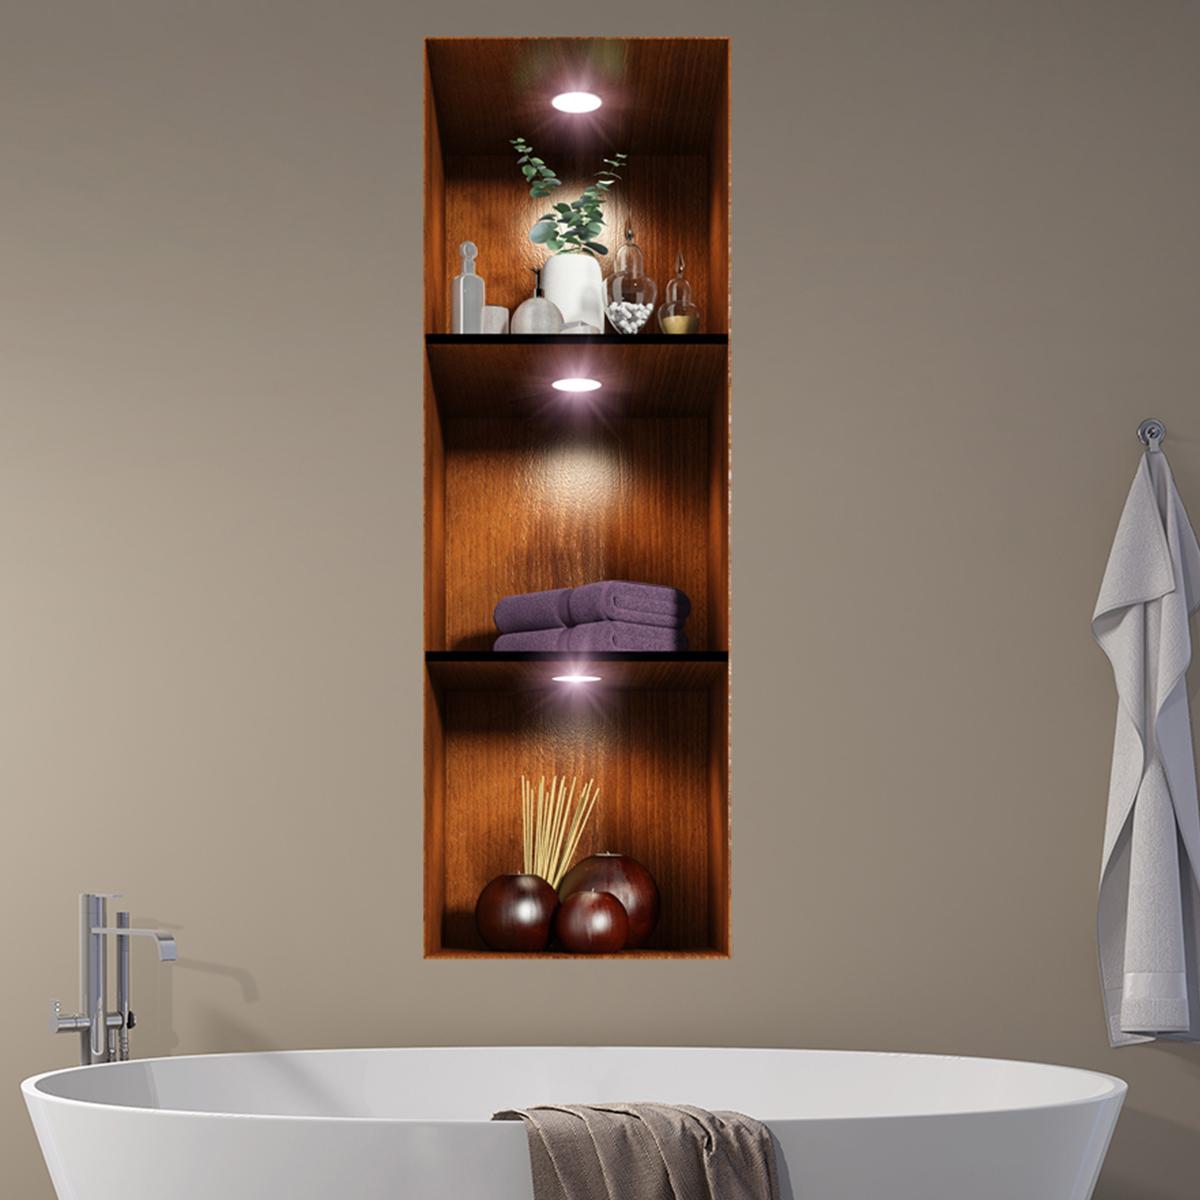 Sticker effet 3D Salle de bain Ambiance spa  Stickers STICKERS ART ET DESIGN Artistiques